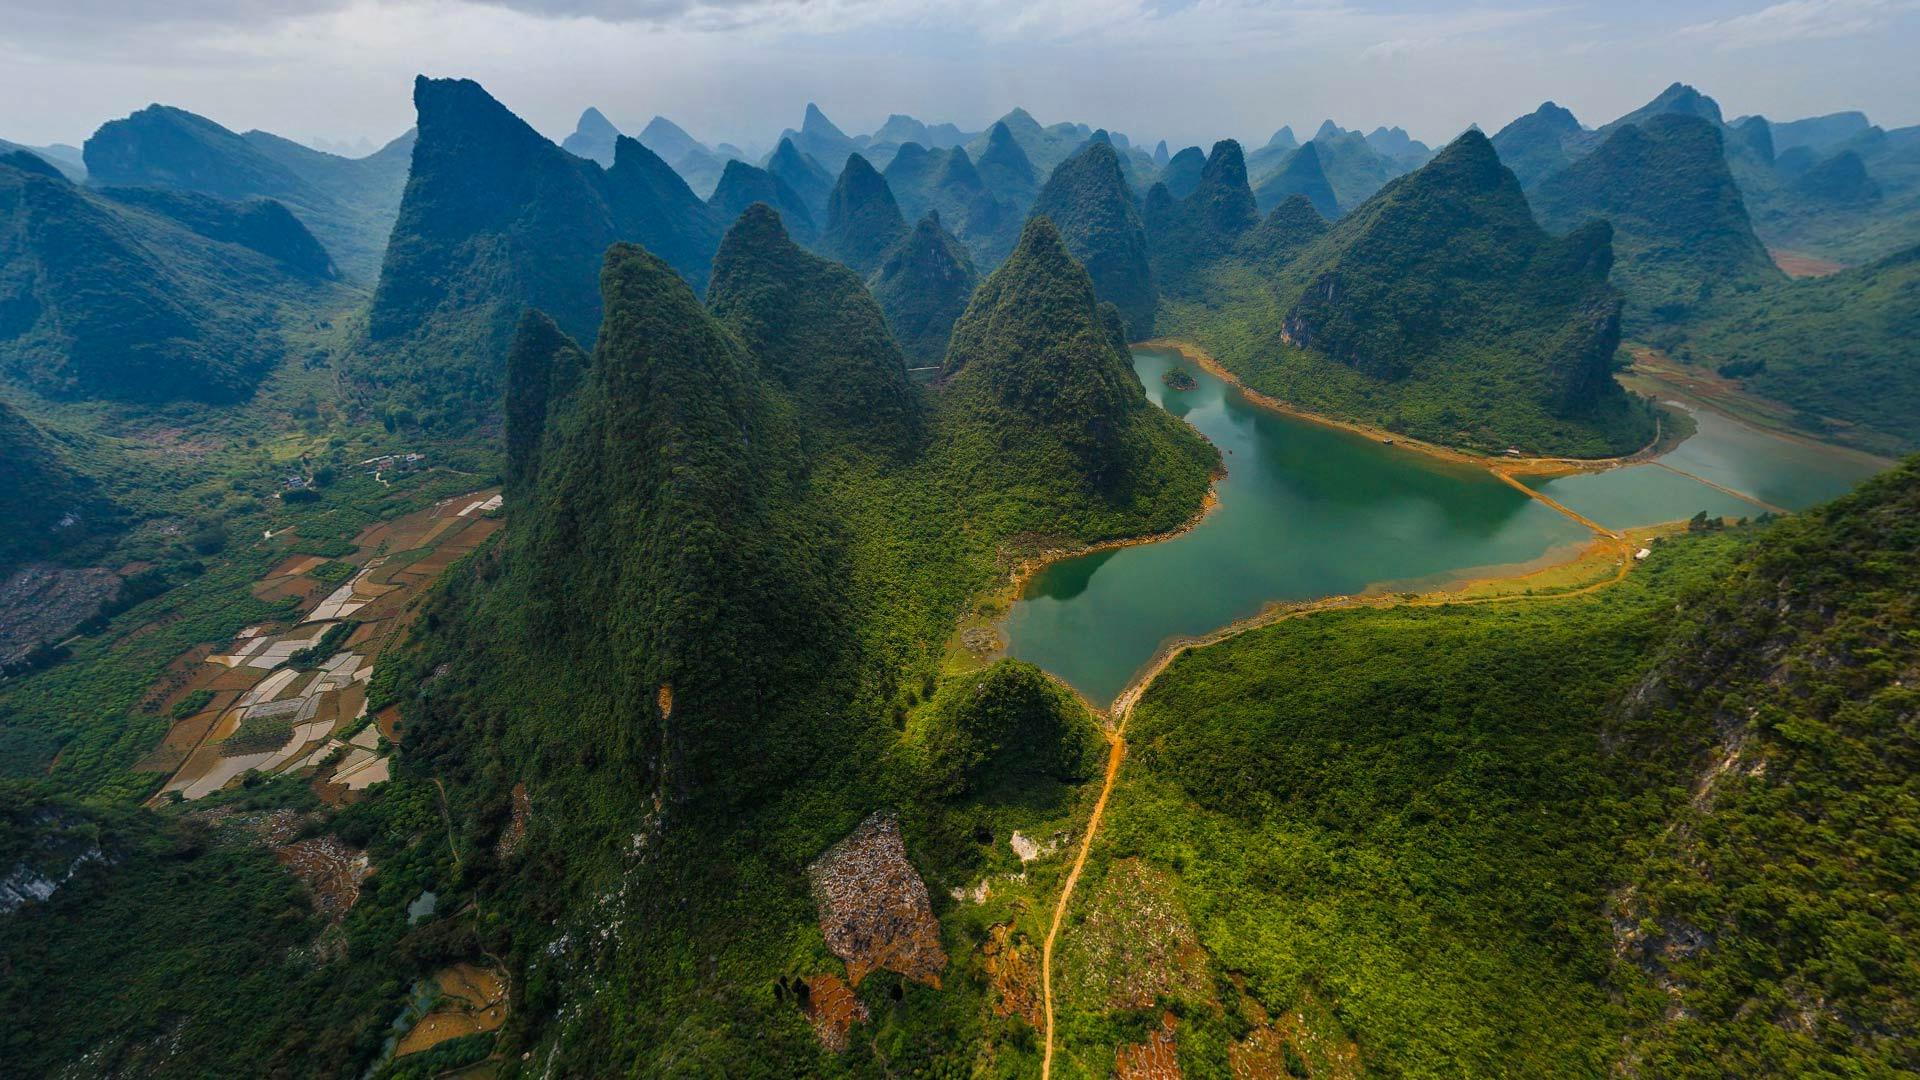 нескольких реки юго восточной азии фото меня дыхание перехватило